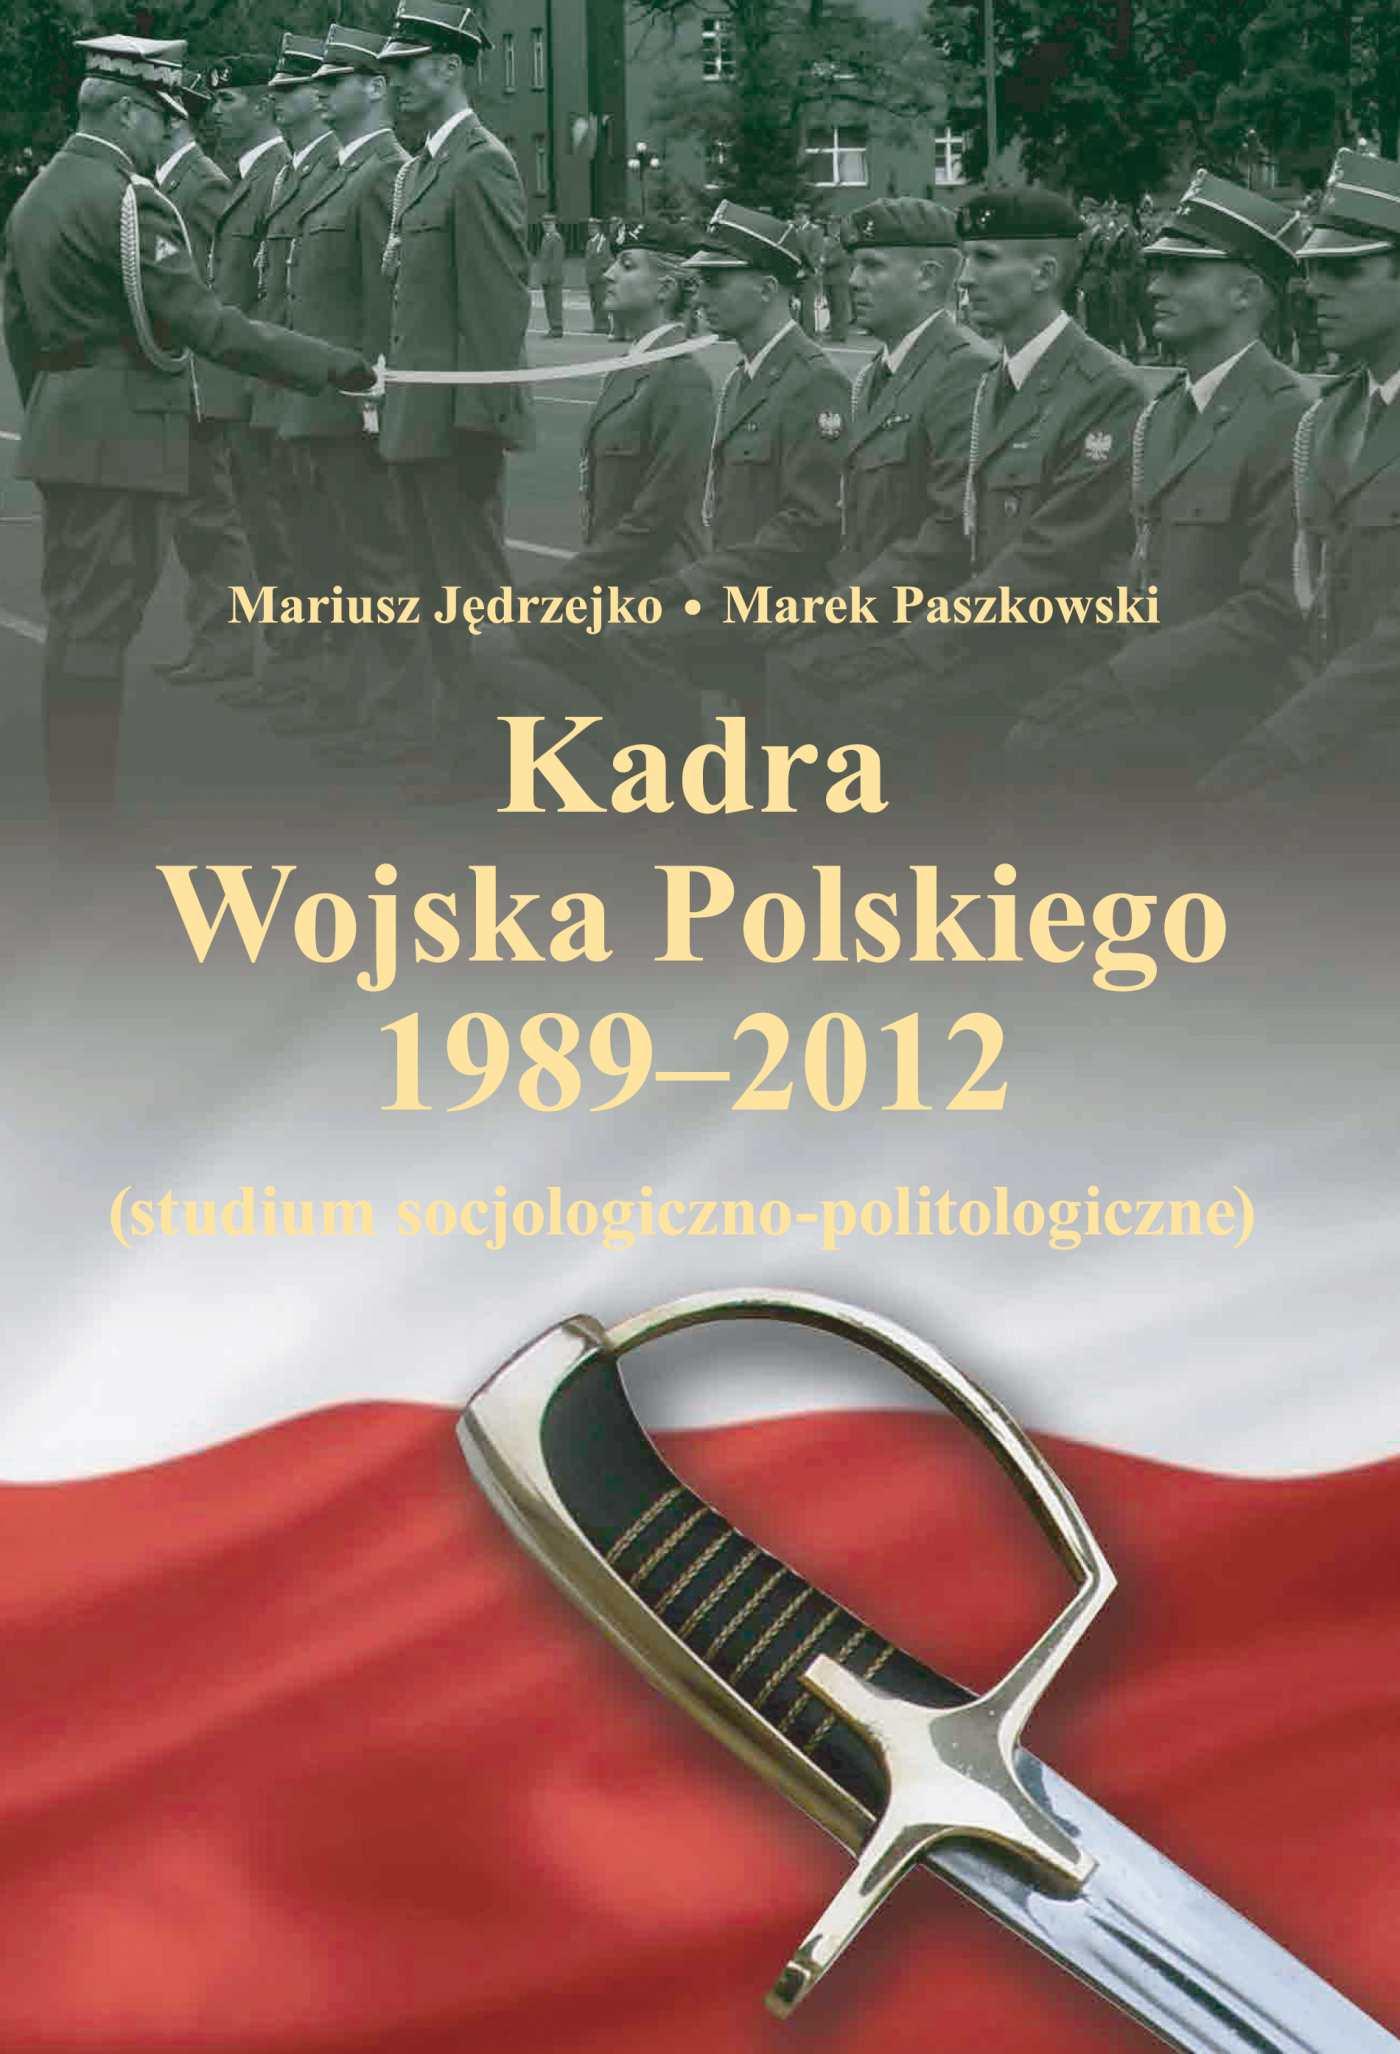 Kadra Wojska Polskiego 1989-2012 - Ebook (Książka PDF) do pobrania w formacie PDF